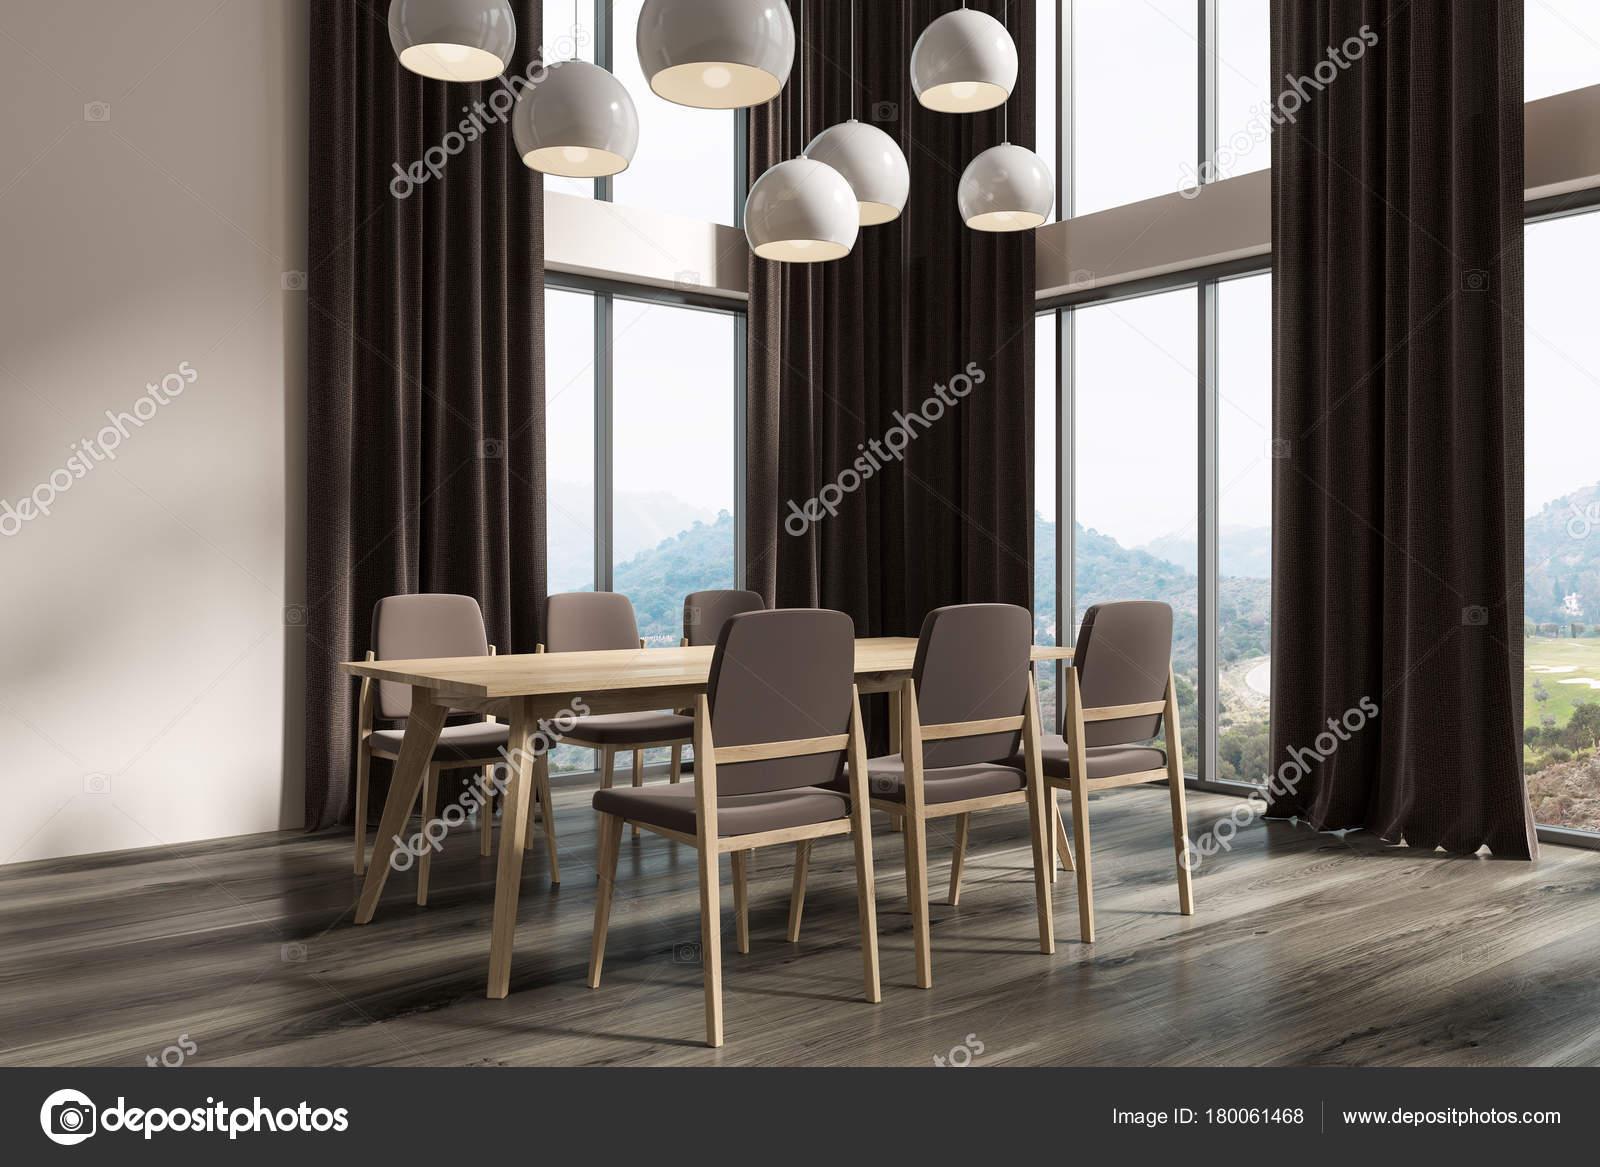 White Dining Room Corner Black Curtains Dark Stock Photo C Denisismagilov 180061468